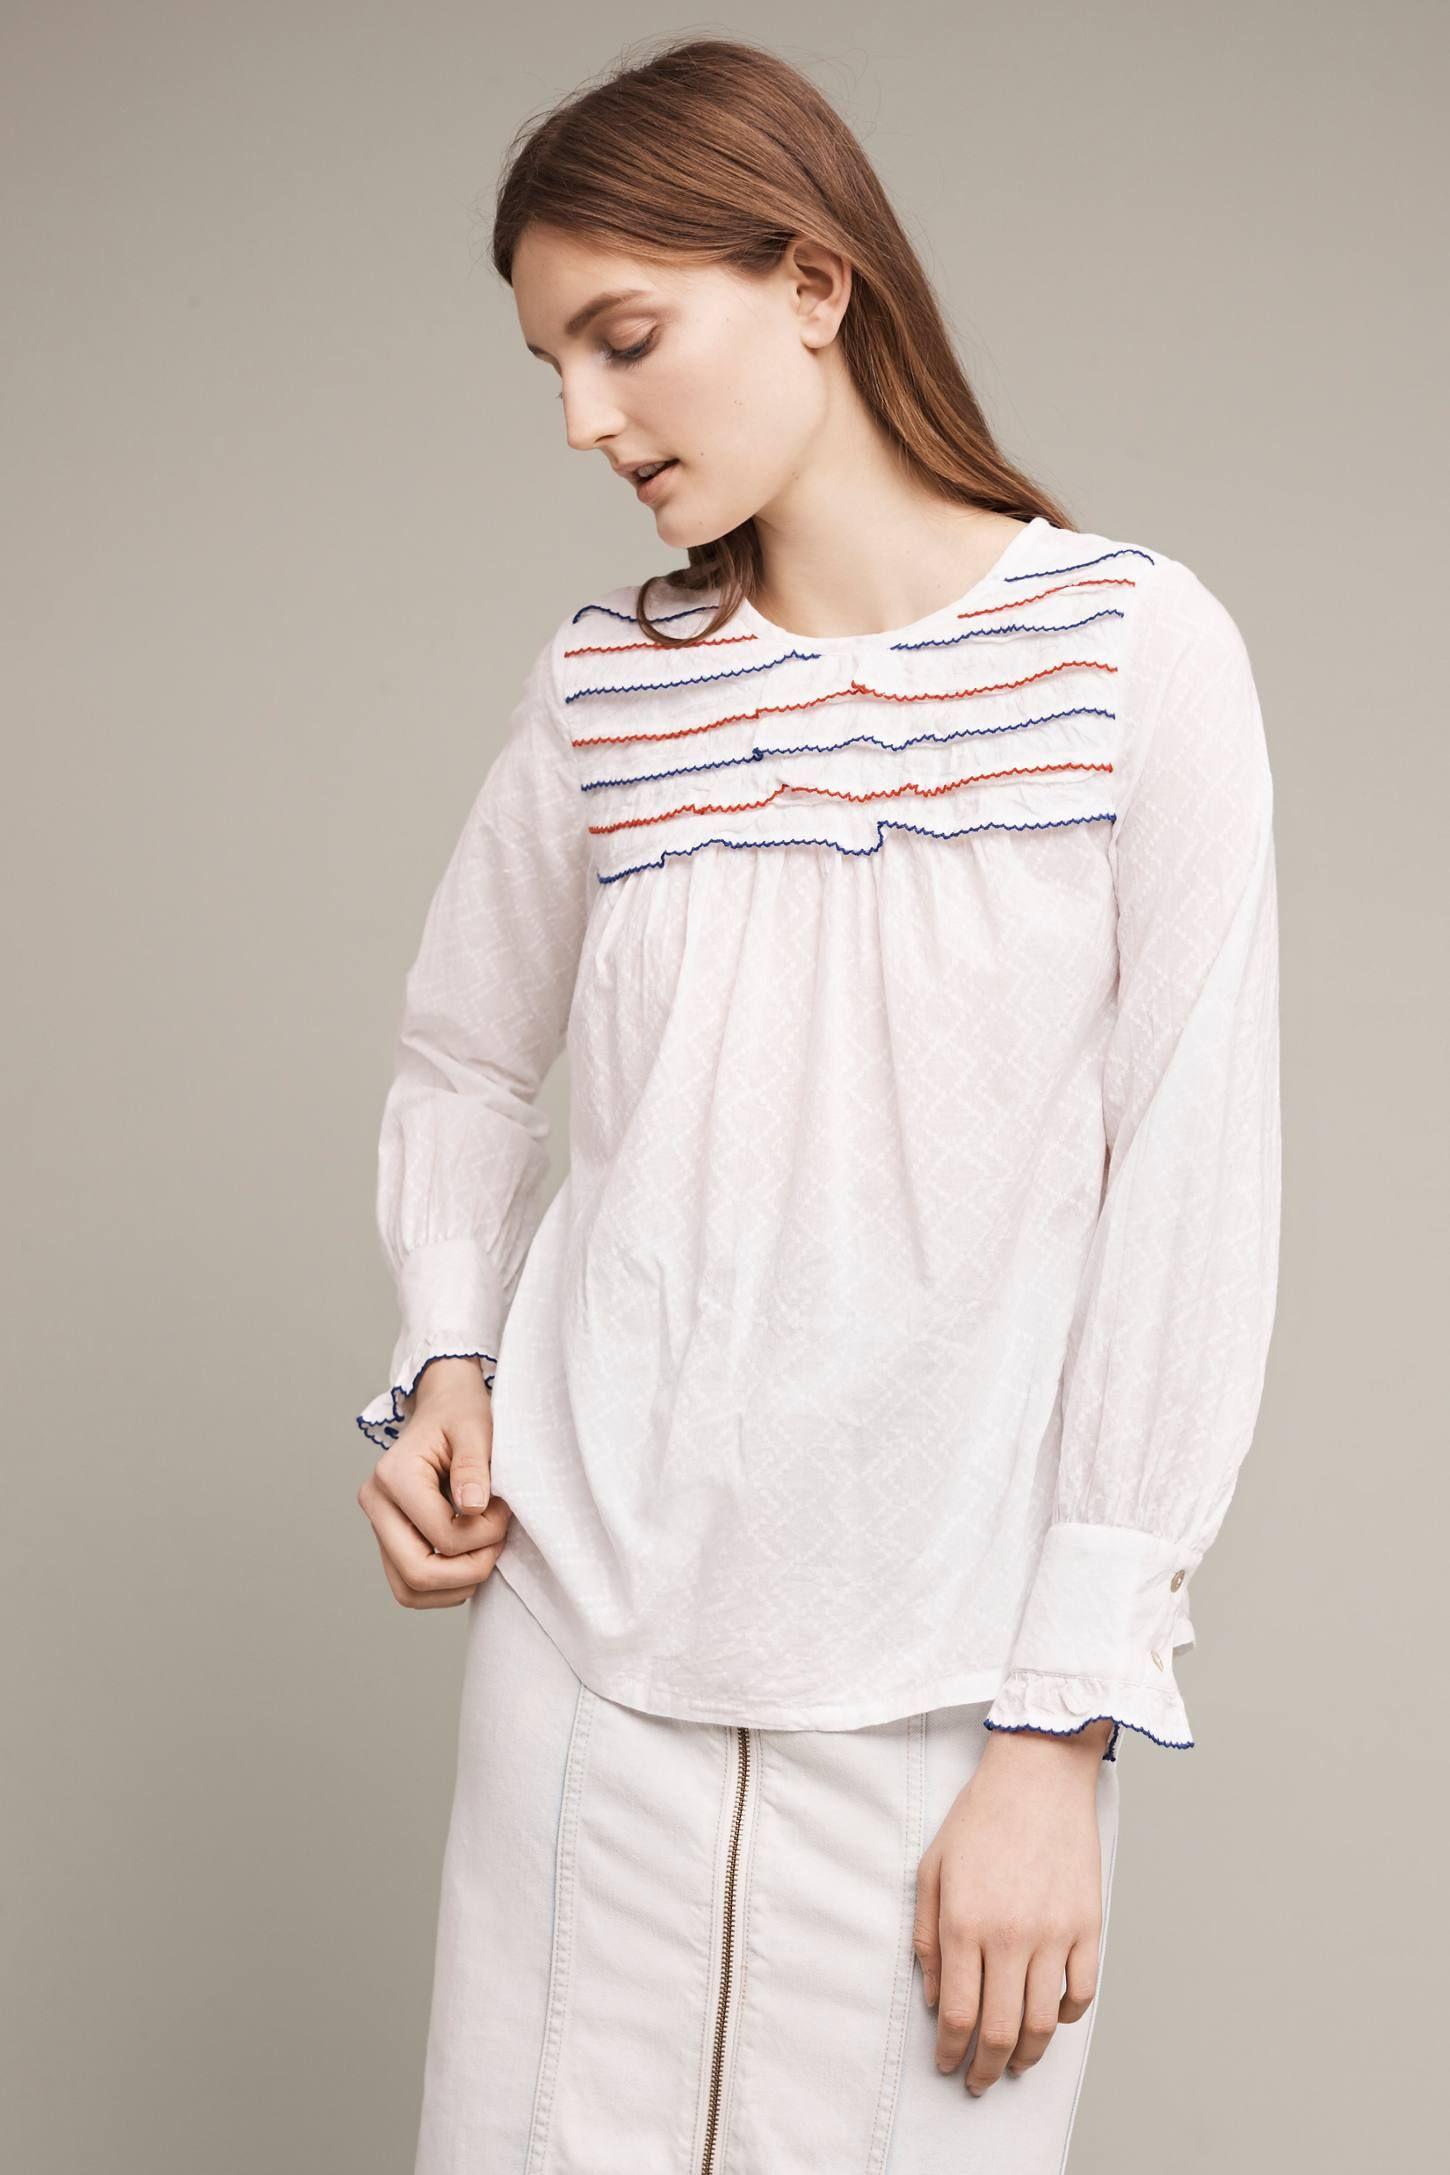 Slide view ruffled bib blouse fashion u styles pinterest